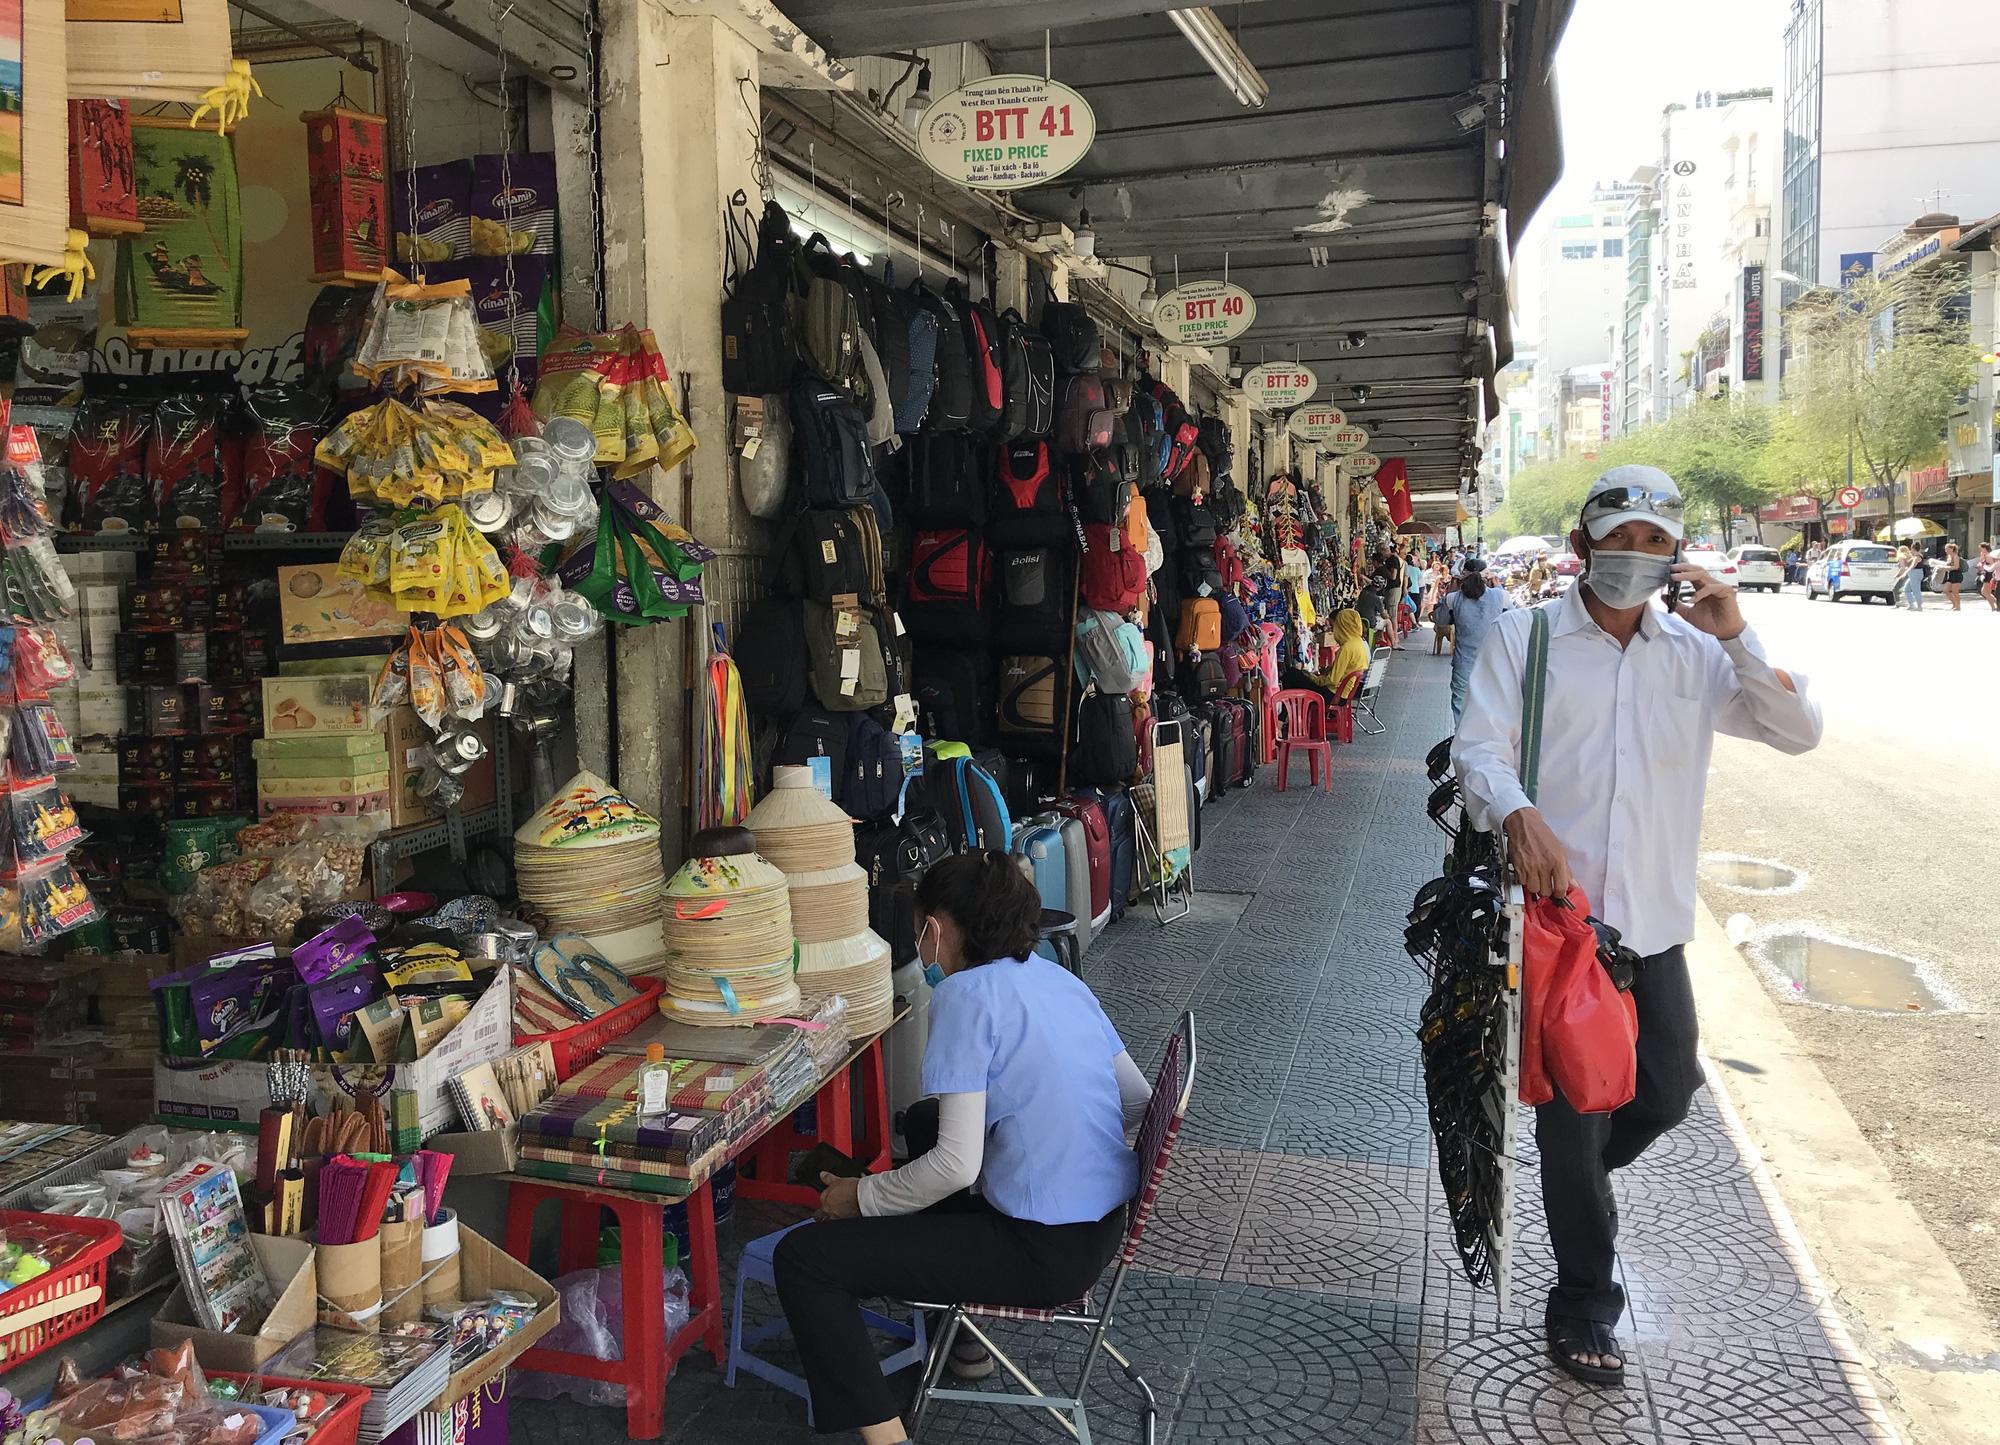 Chợ Bến Thành, Saigon Square ế chưa từng thấy, có tiểu thương đóng cửa, sang sạp vì virus corona - Ảnh 4.